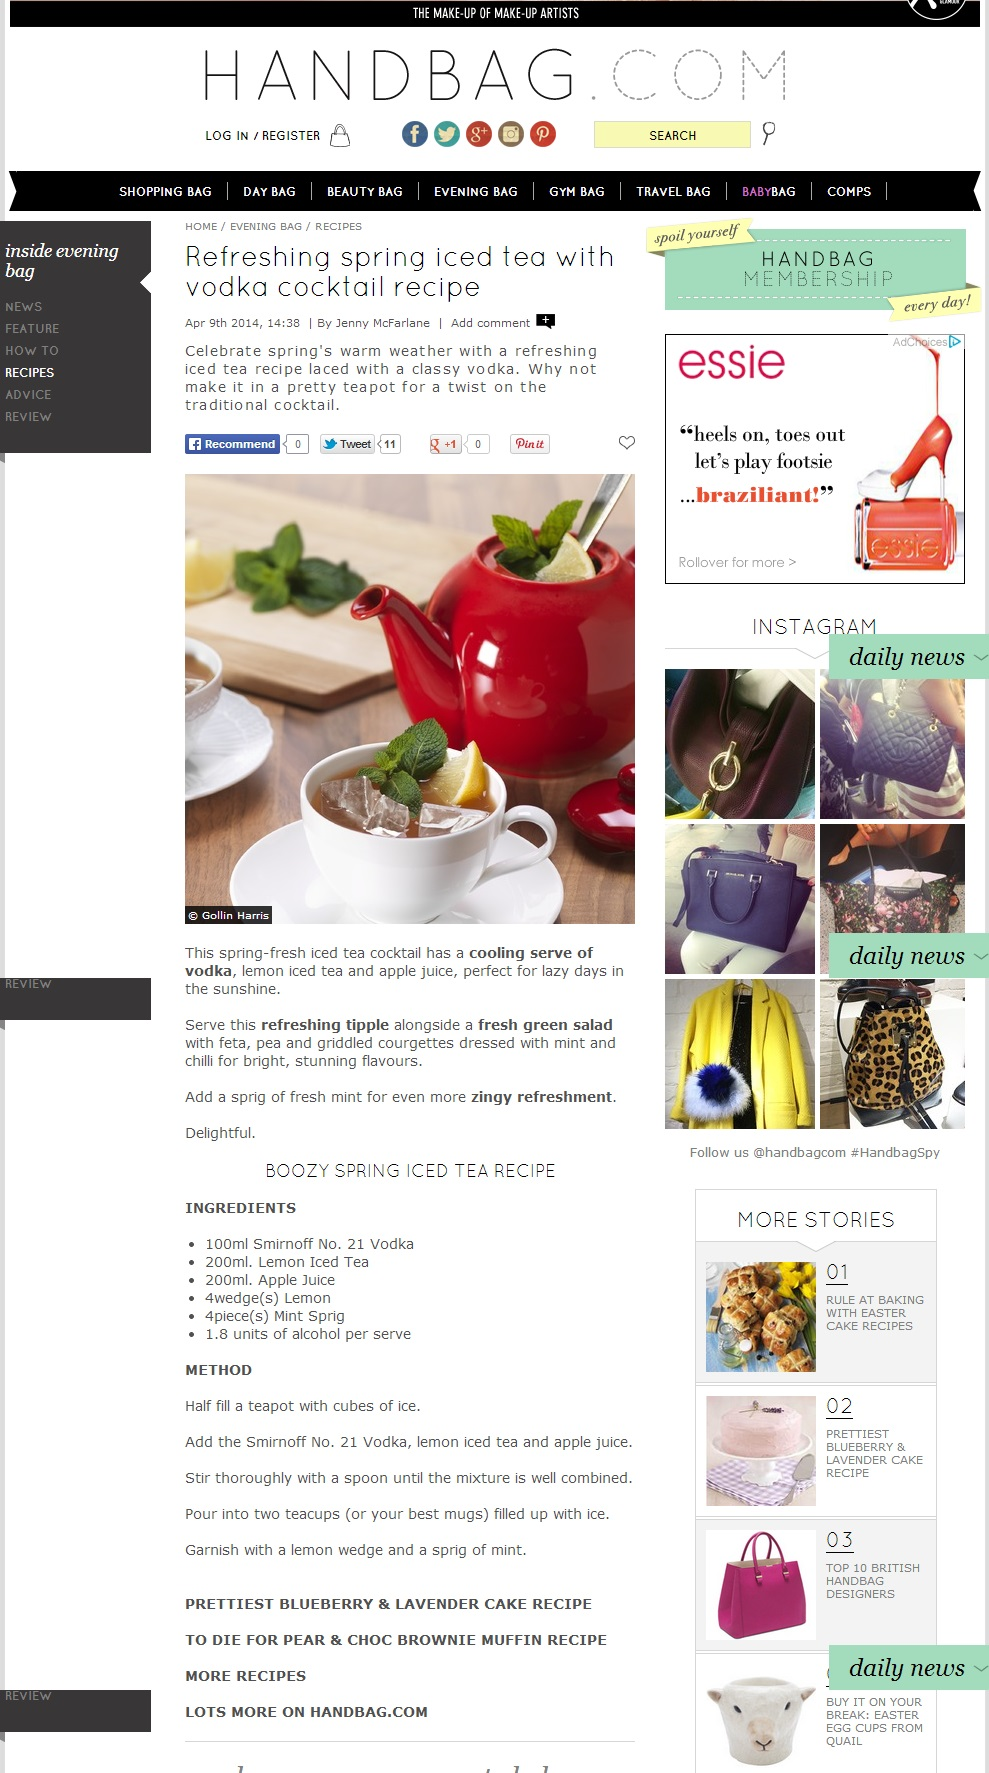 screencapture-www-handbag-com-evening-bag-recipes-a563554-refreshing-spring-iced-tea-with-vodka-cocktail-recipe-html